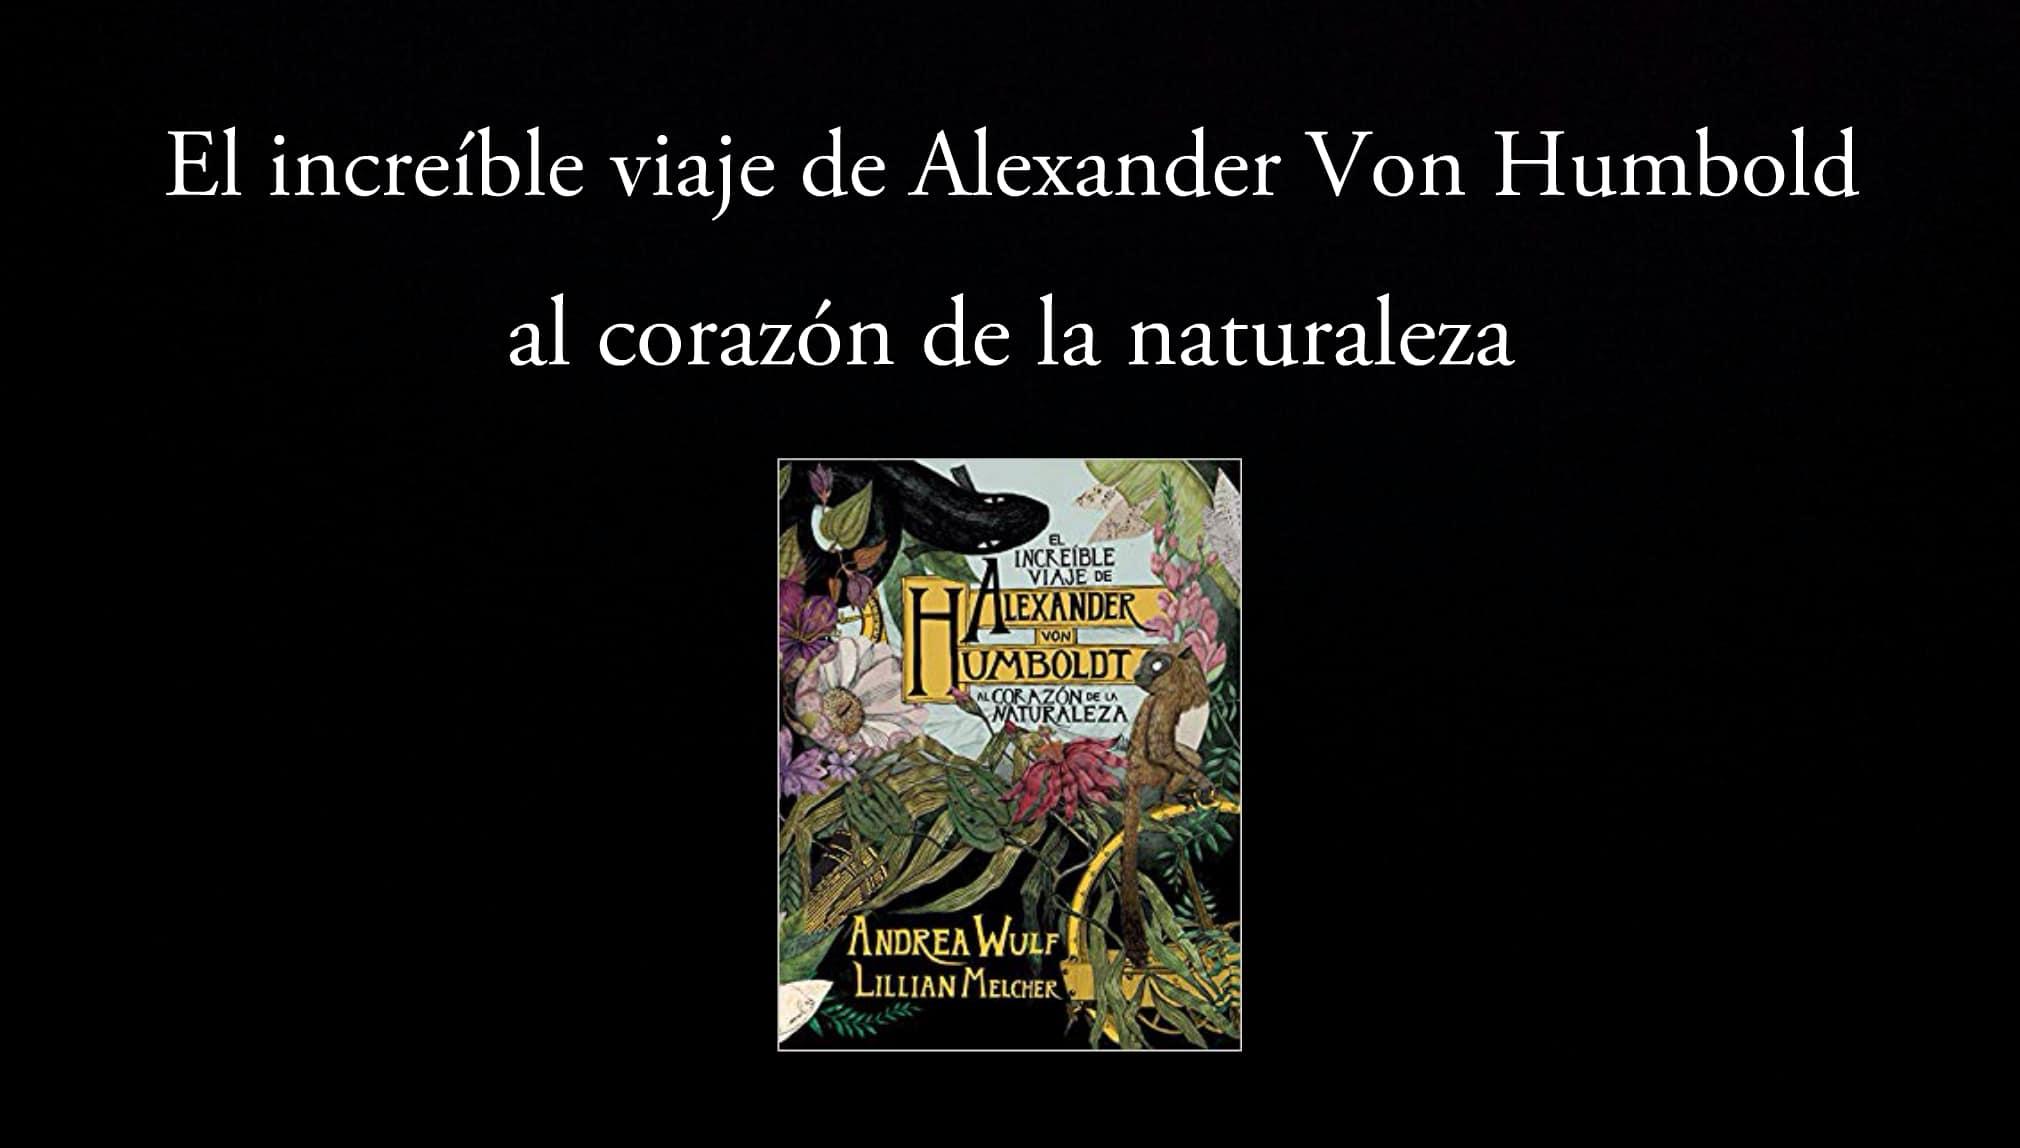 El increíble viaje de Alexander Von Humbold al corazón de la naturaleza.